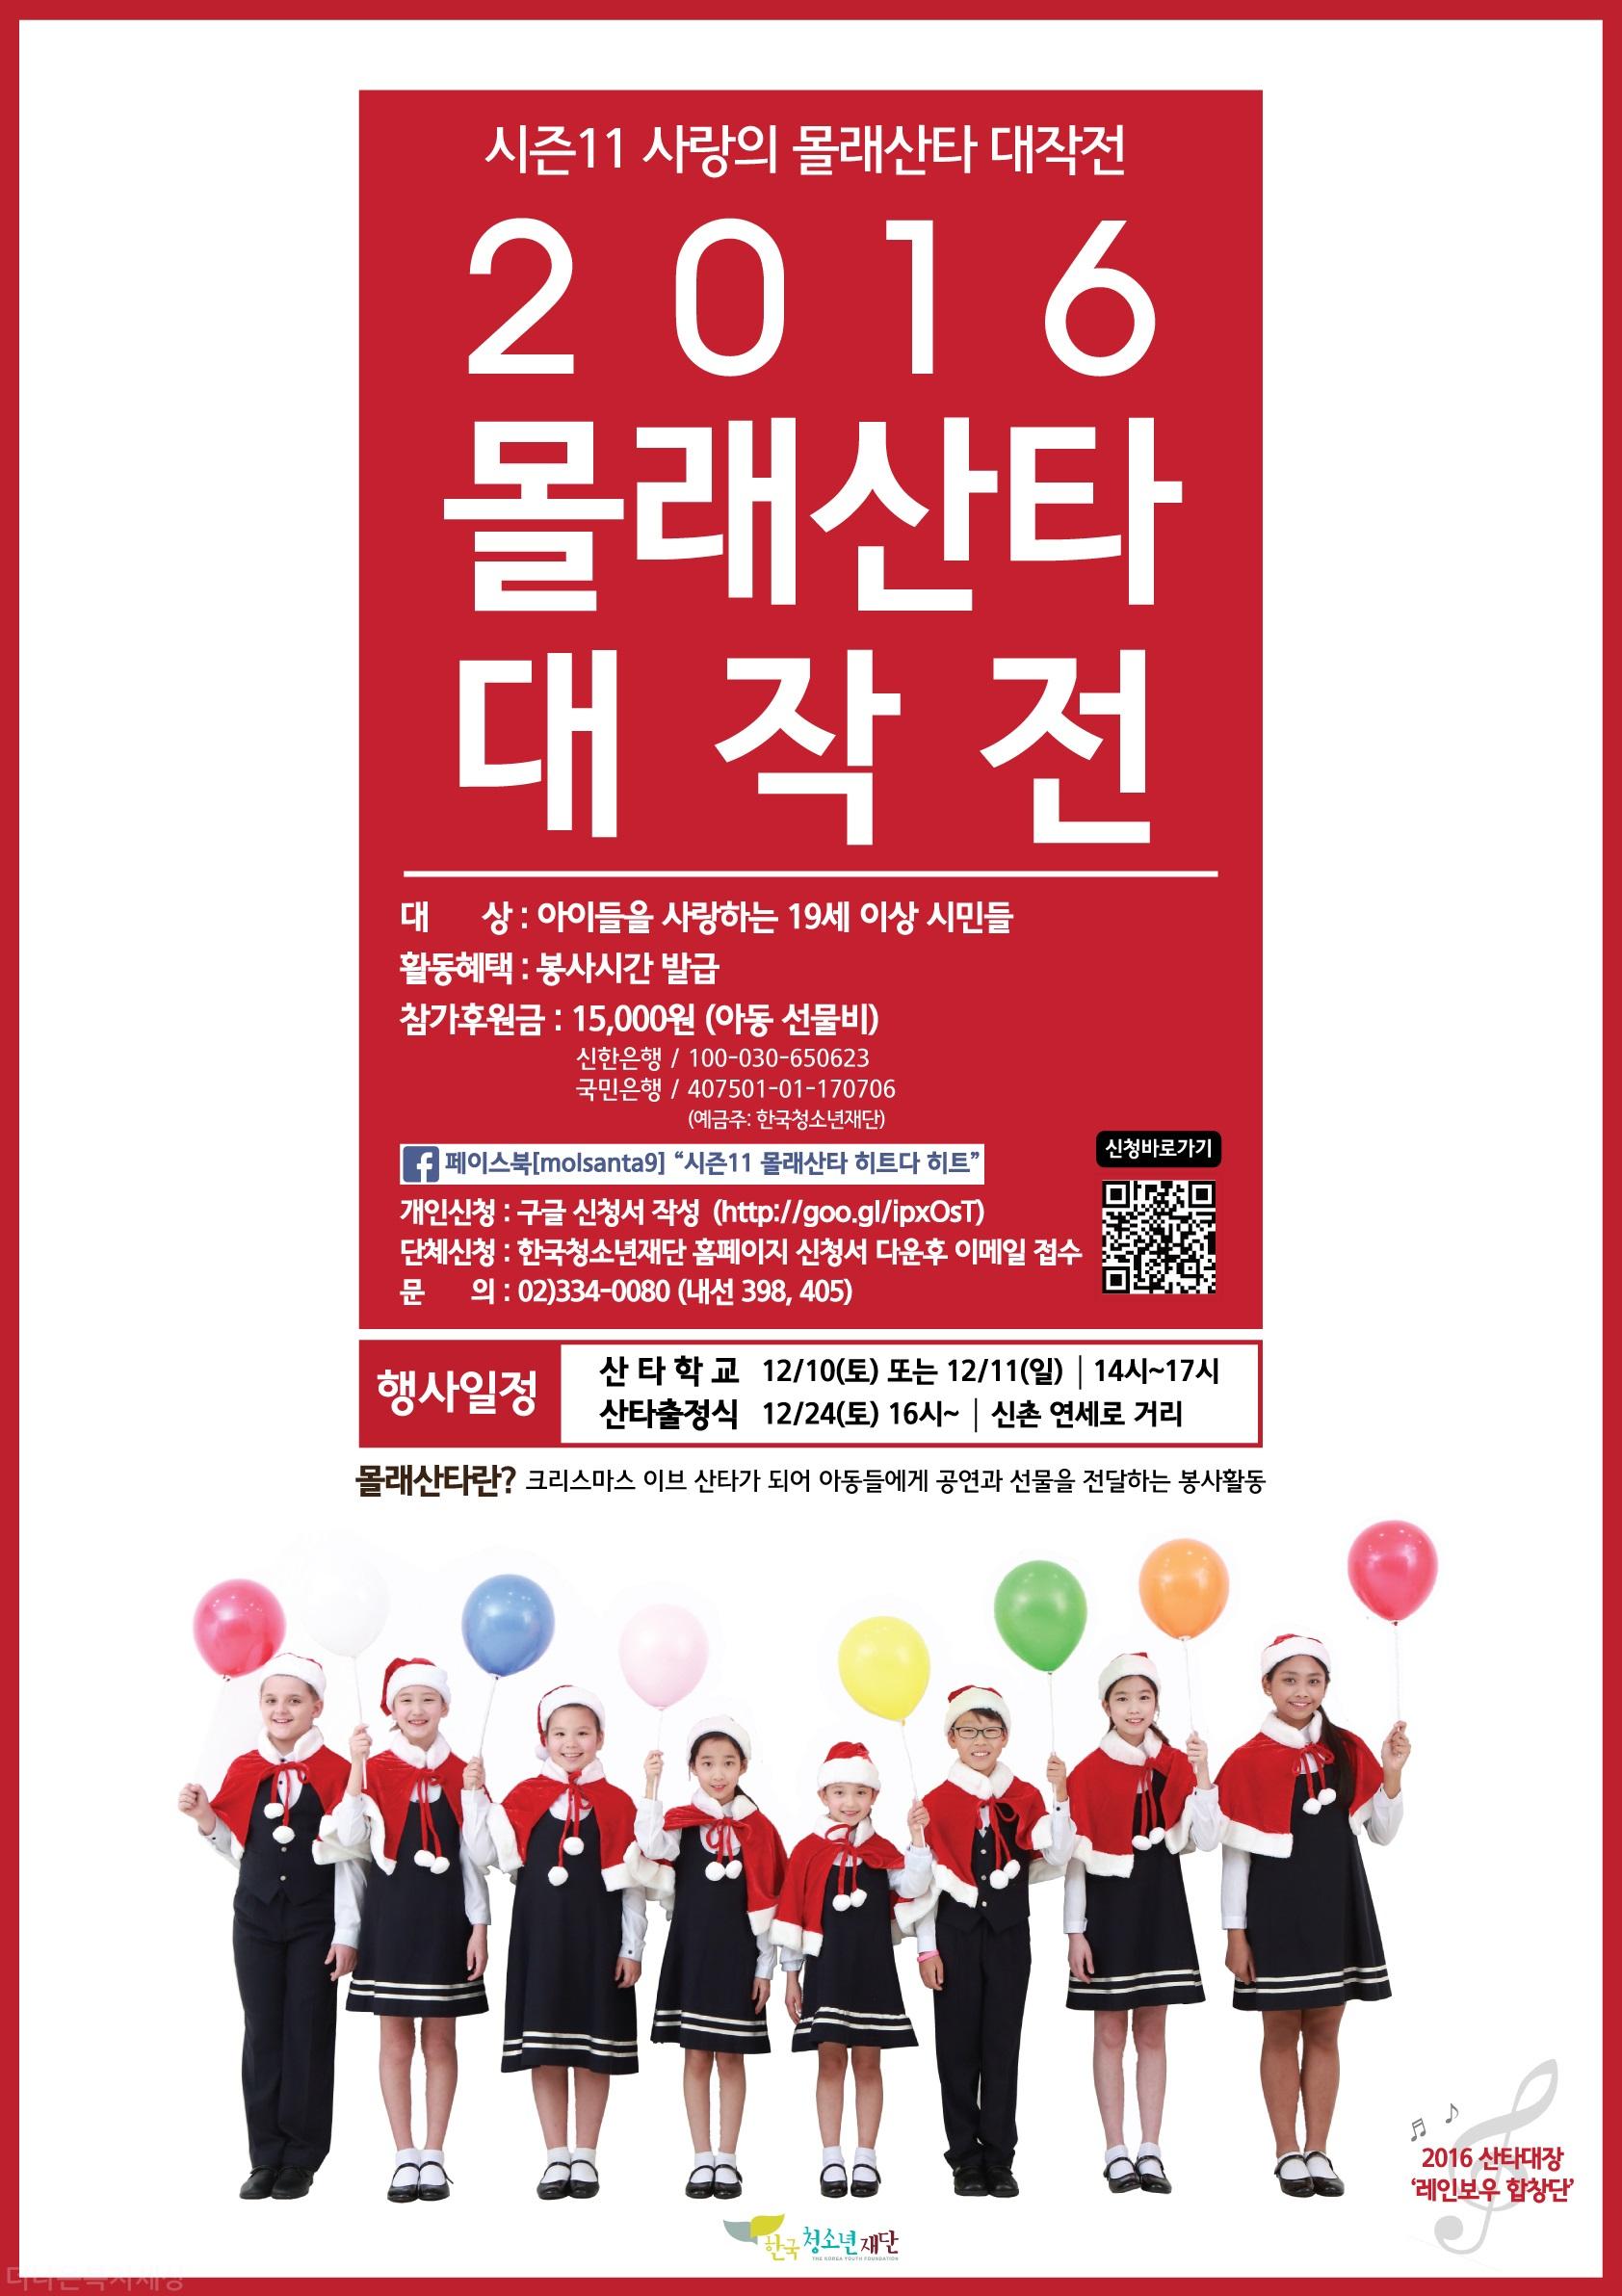 대규모 자원봉사활동_[한국청소년재단]시즌11 사랑의 몰래산타 대작전 안내 포스터